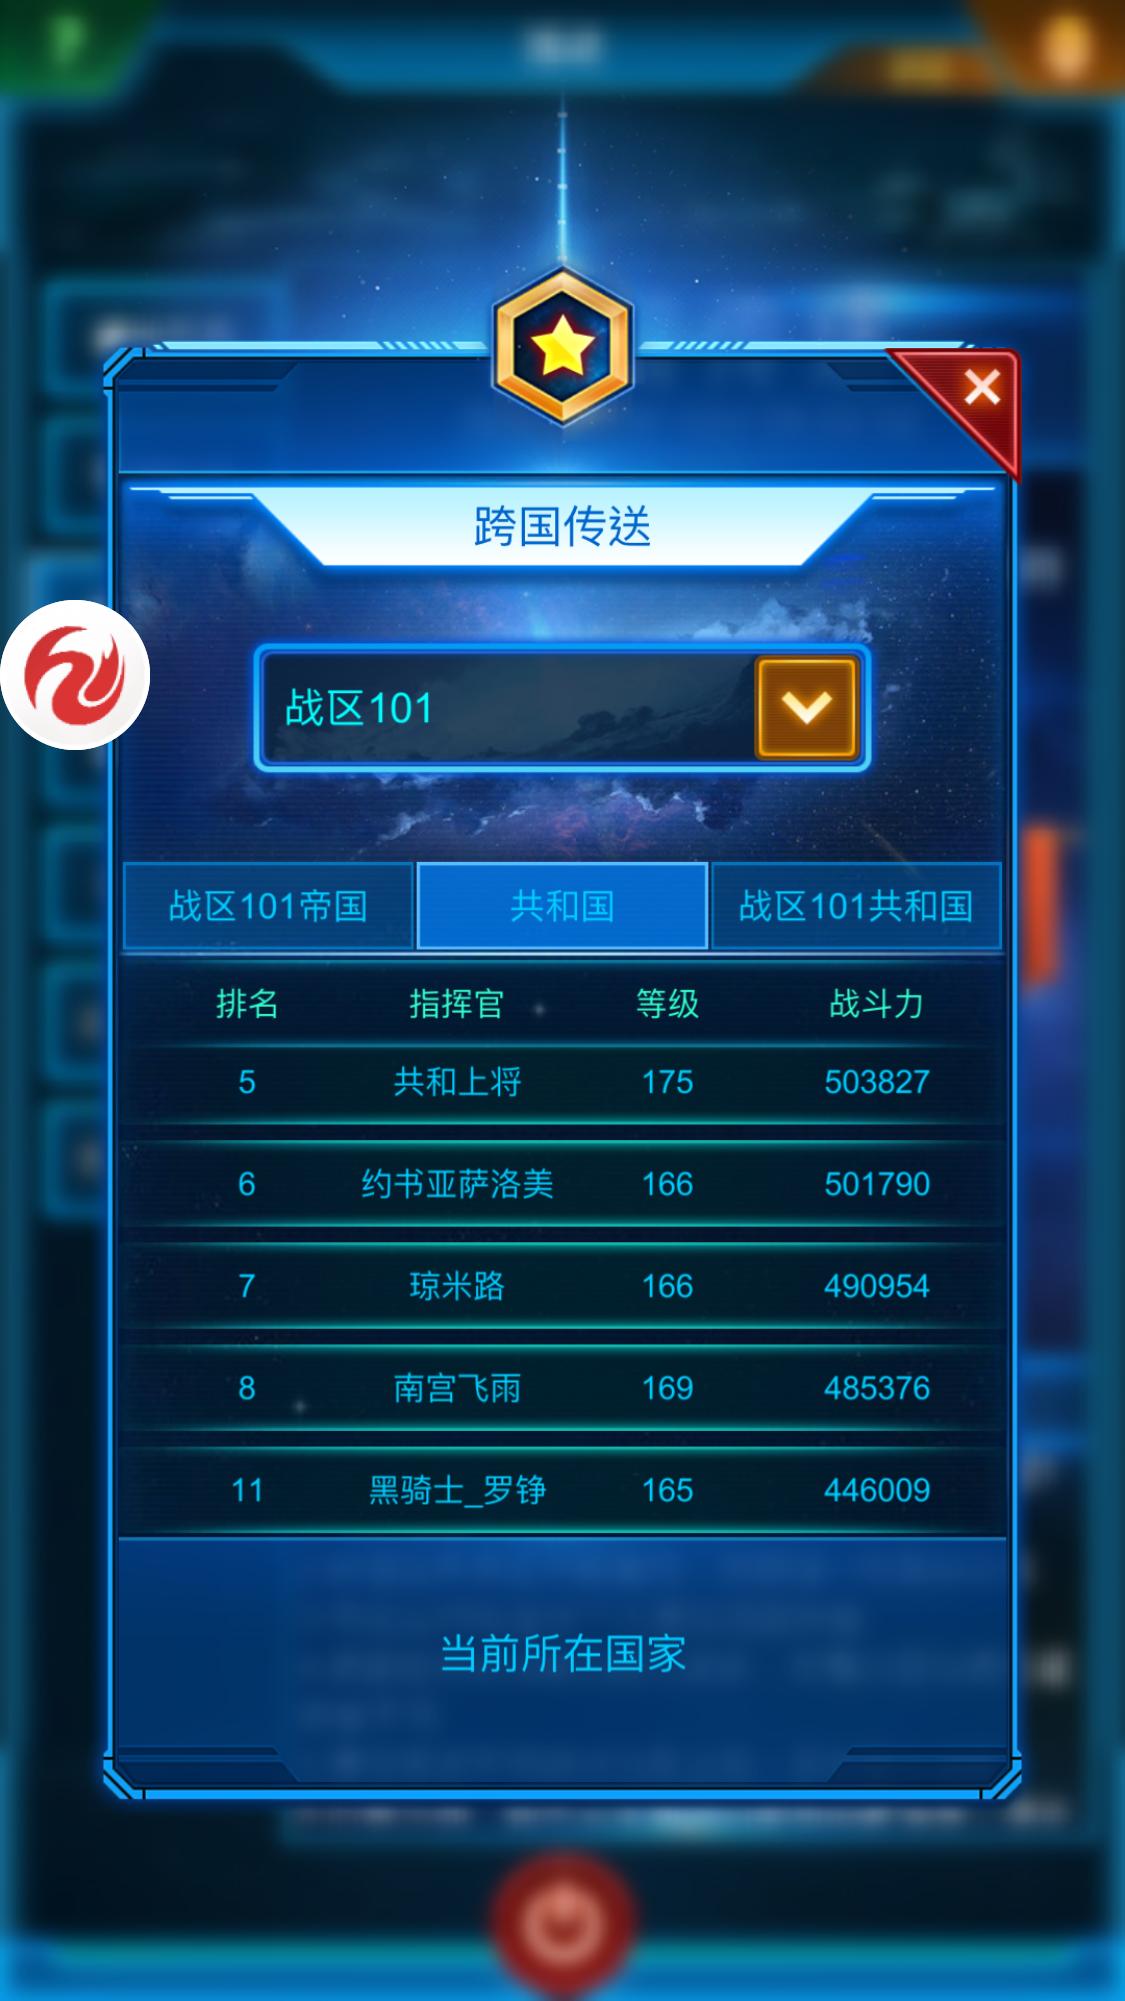 9F87E1A4-8464-4EBA-98C7-EC80ADF1DF02.png